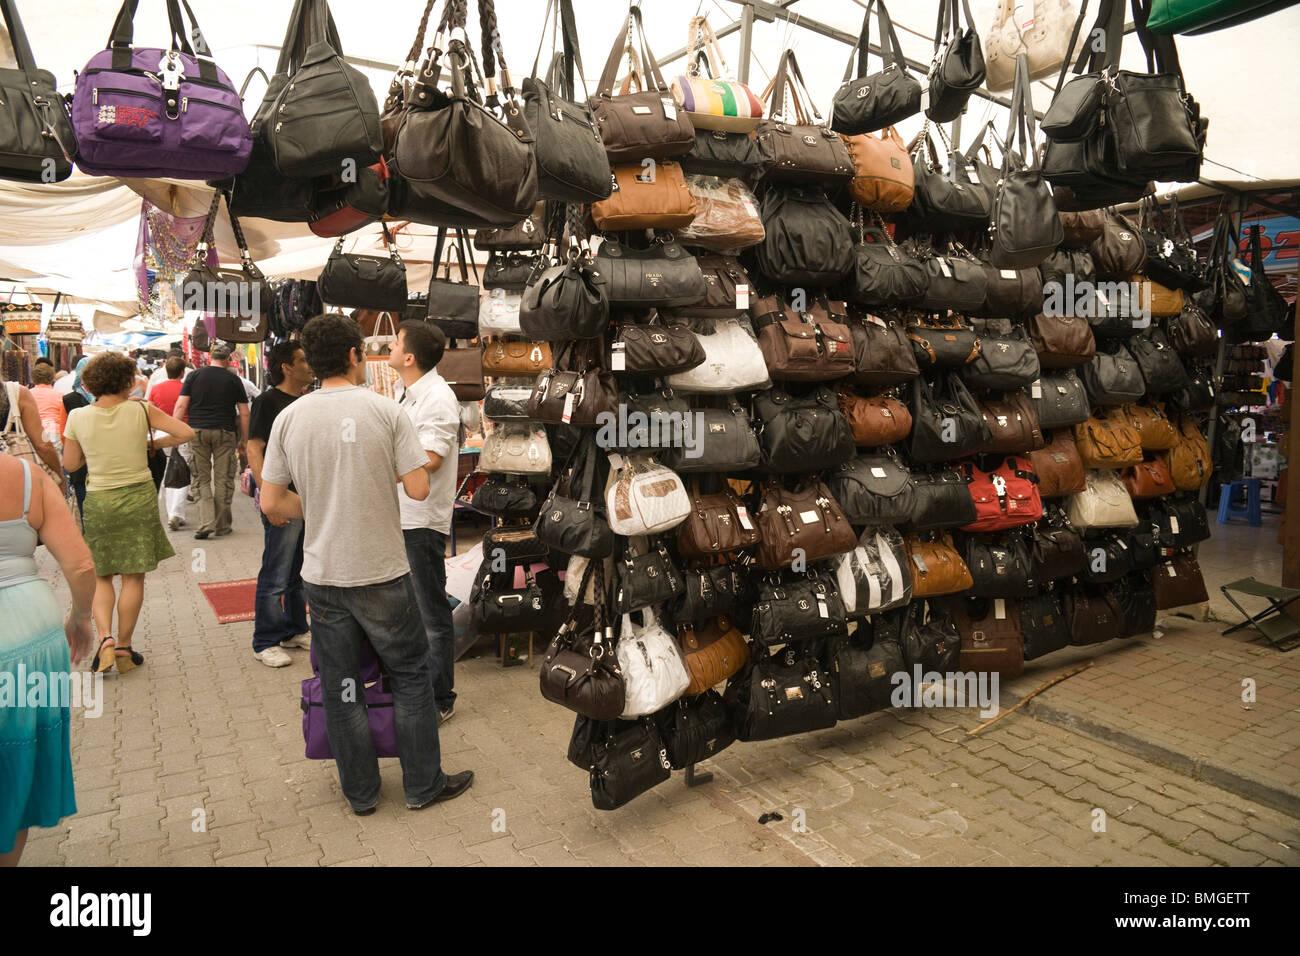 1a4194d2e1 Turquie Antalya - marché de Manavgat - fake ou copier des sacs en cuir avec  Chanel